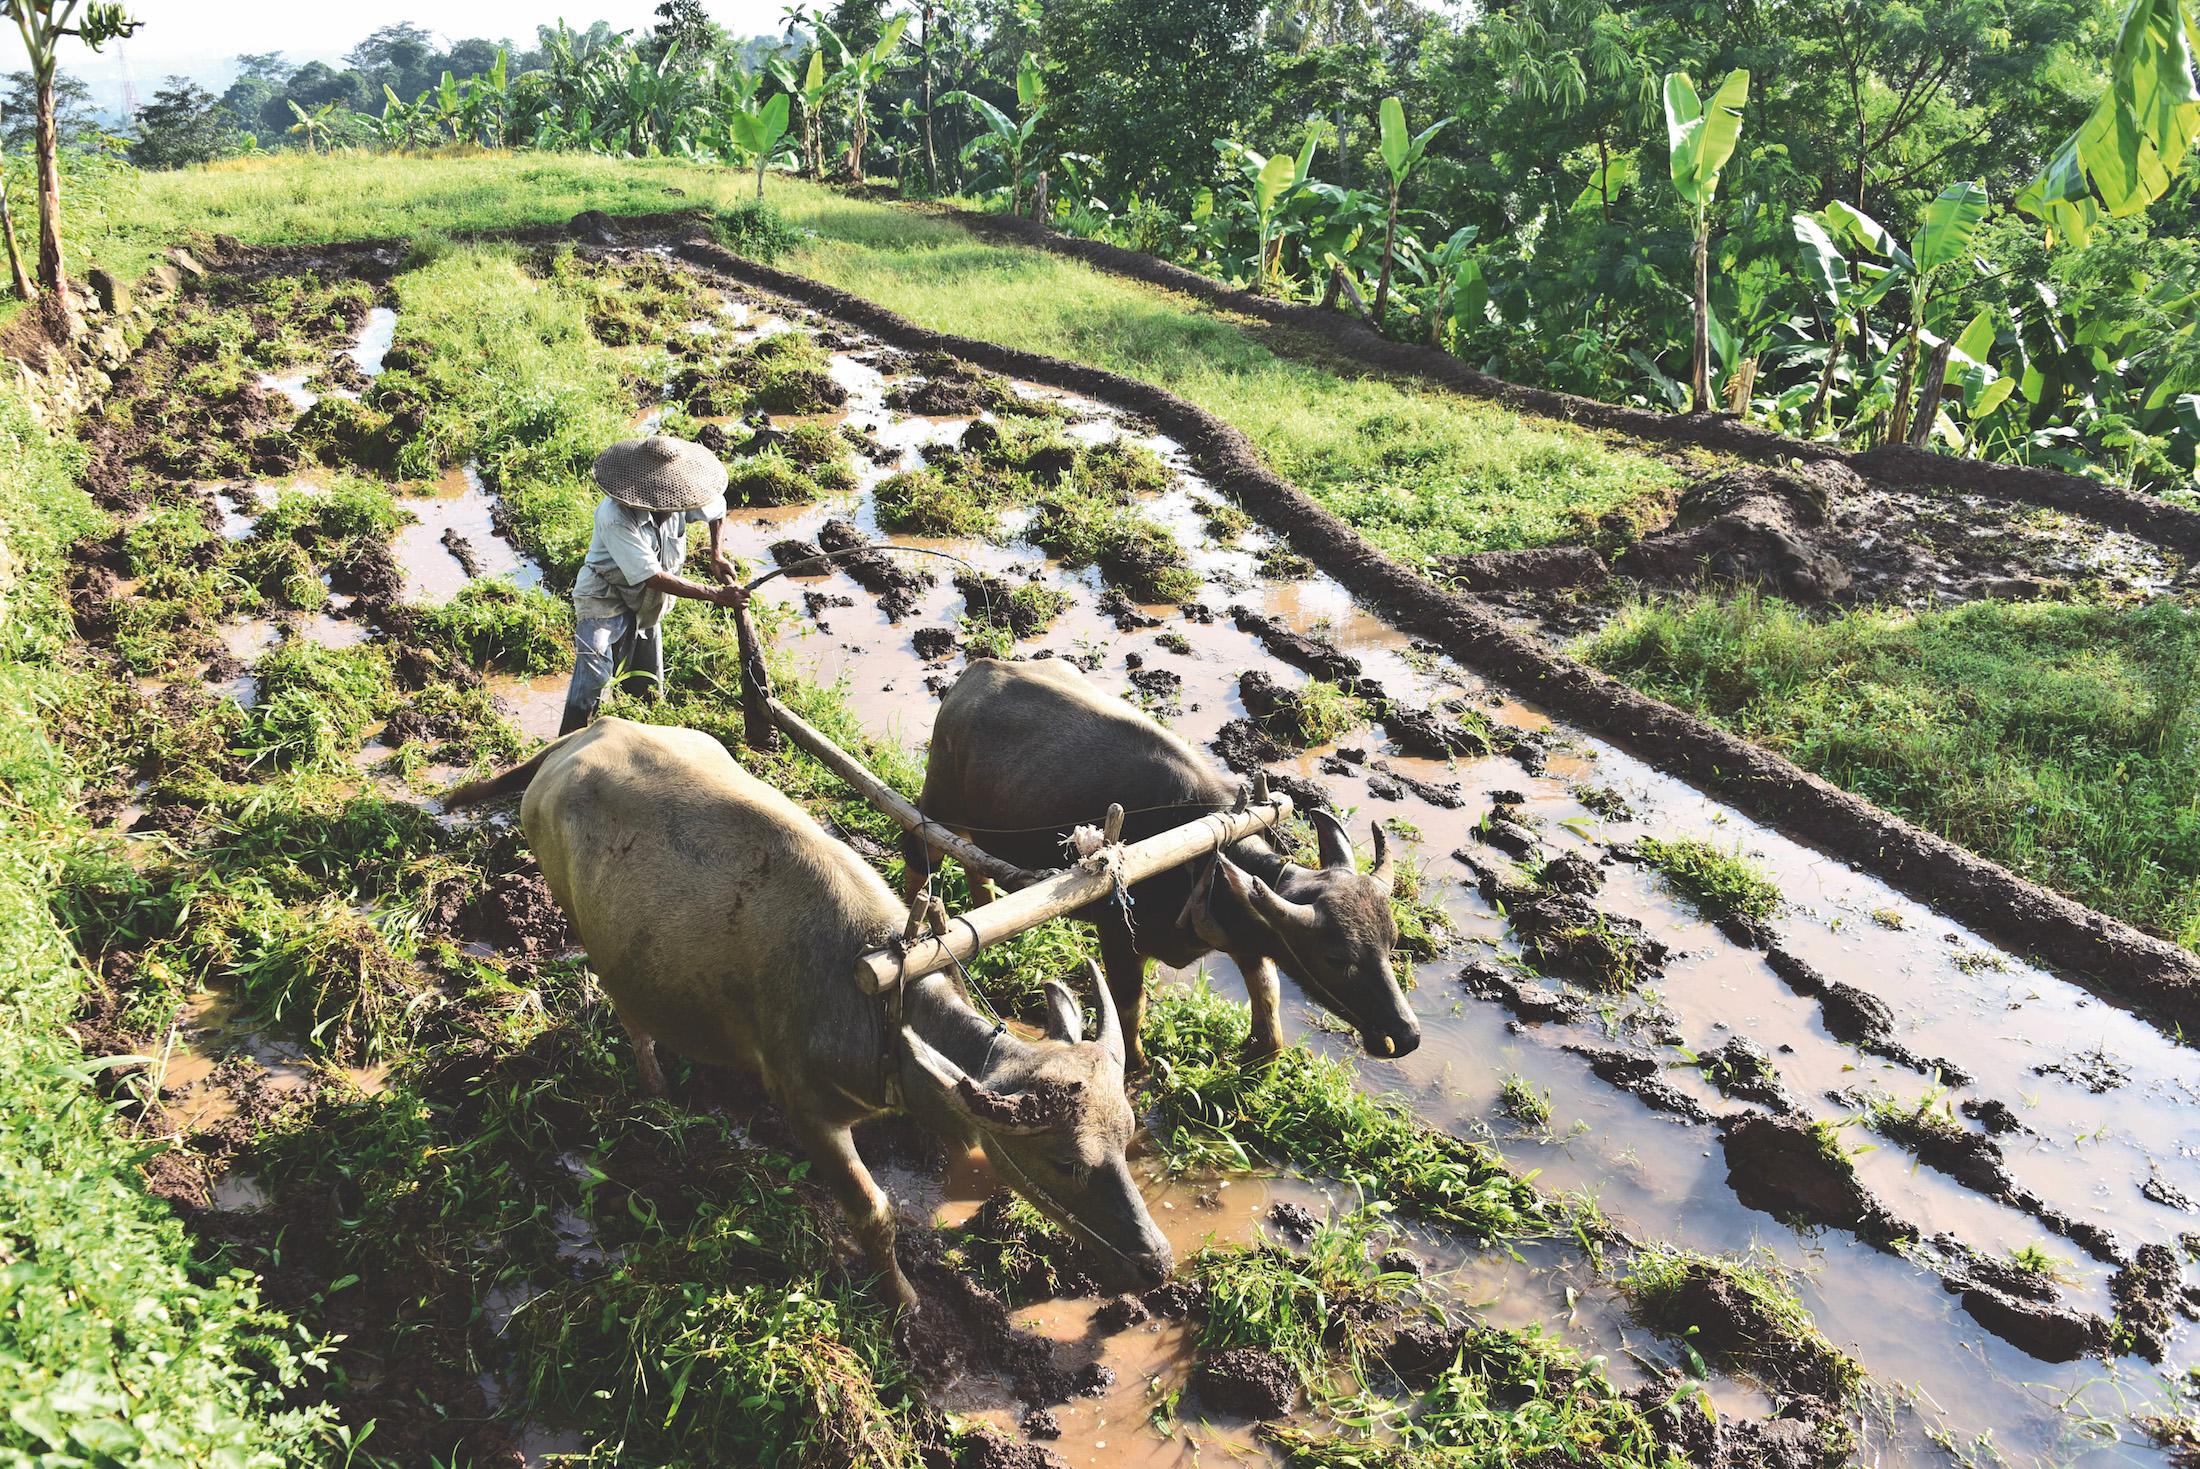 Perjalanan 3 hari di 3 kampung Sunda bisa menjadi alternatif liburan.